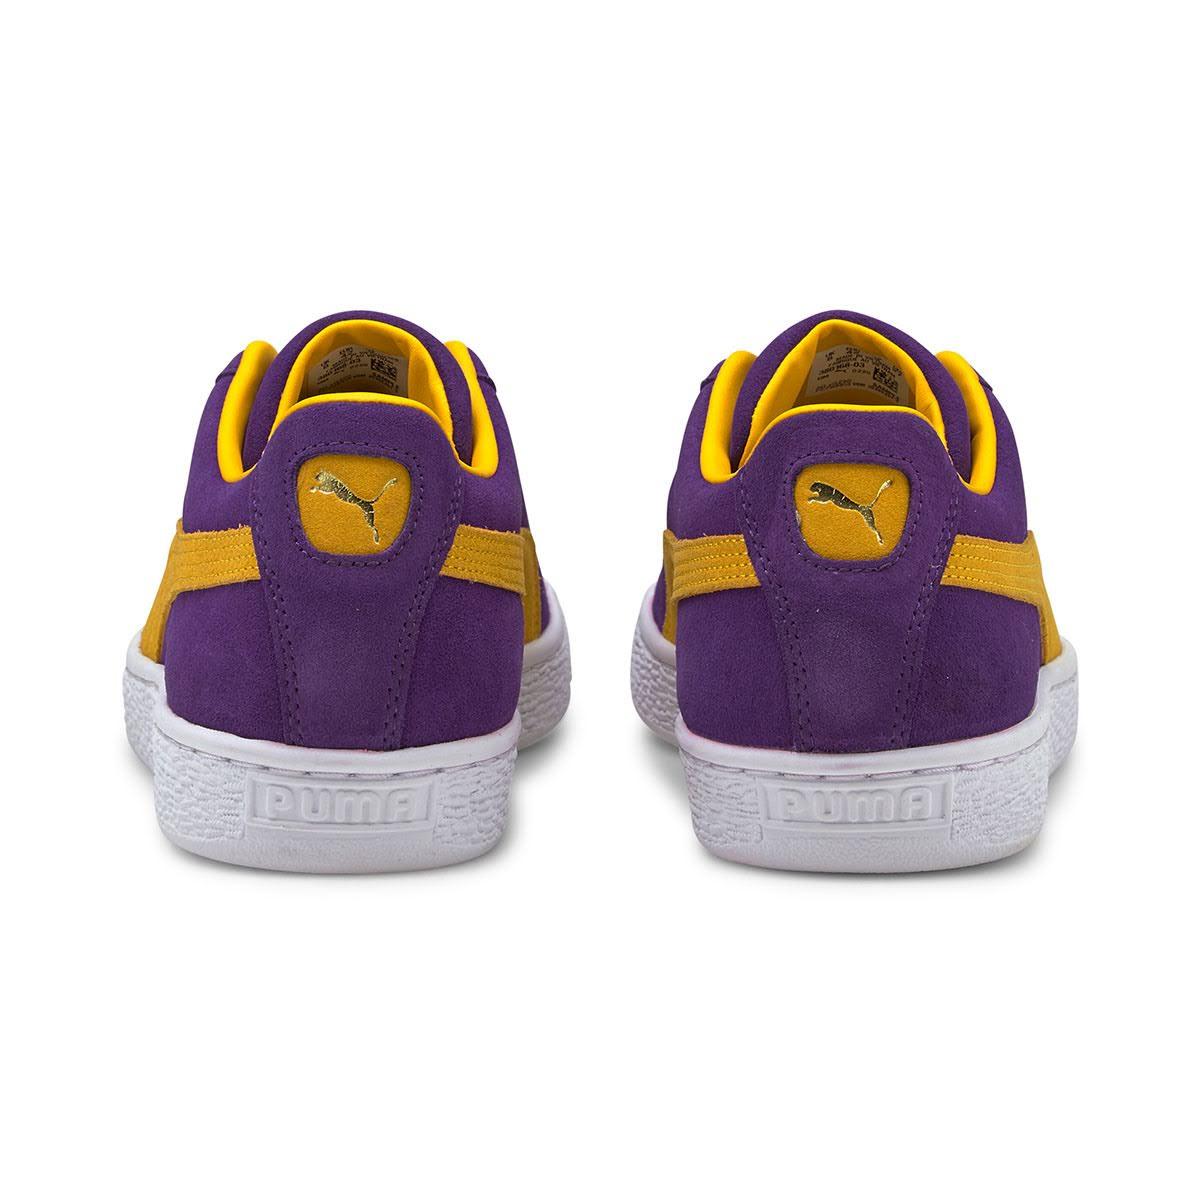 """プーマ スウェード チームス """"ロサンゼルス レイカーズ"""" Puma-Suede-Teams-Los-Angels-Lakers-380168-03-heel"""